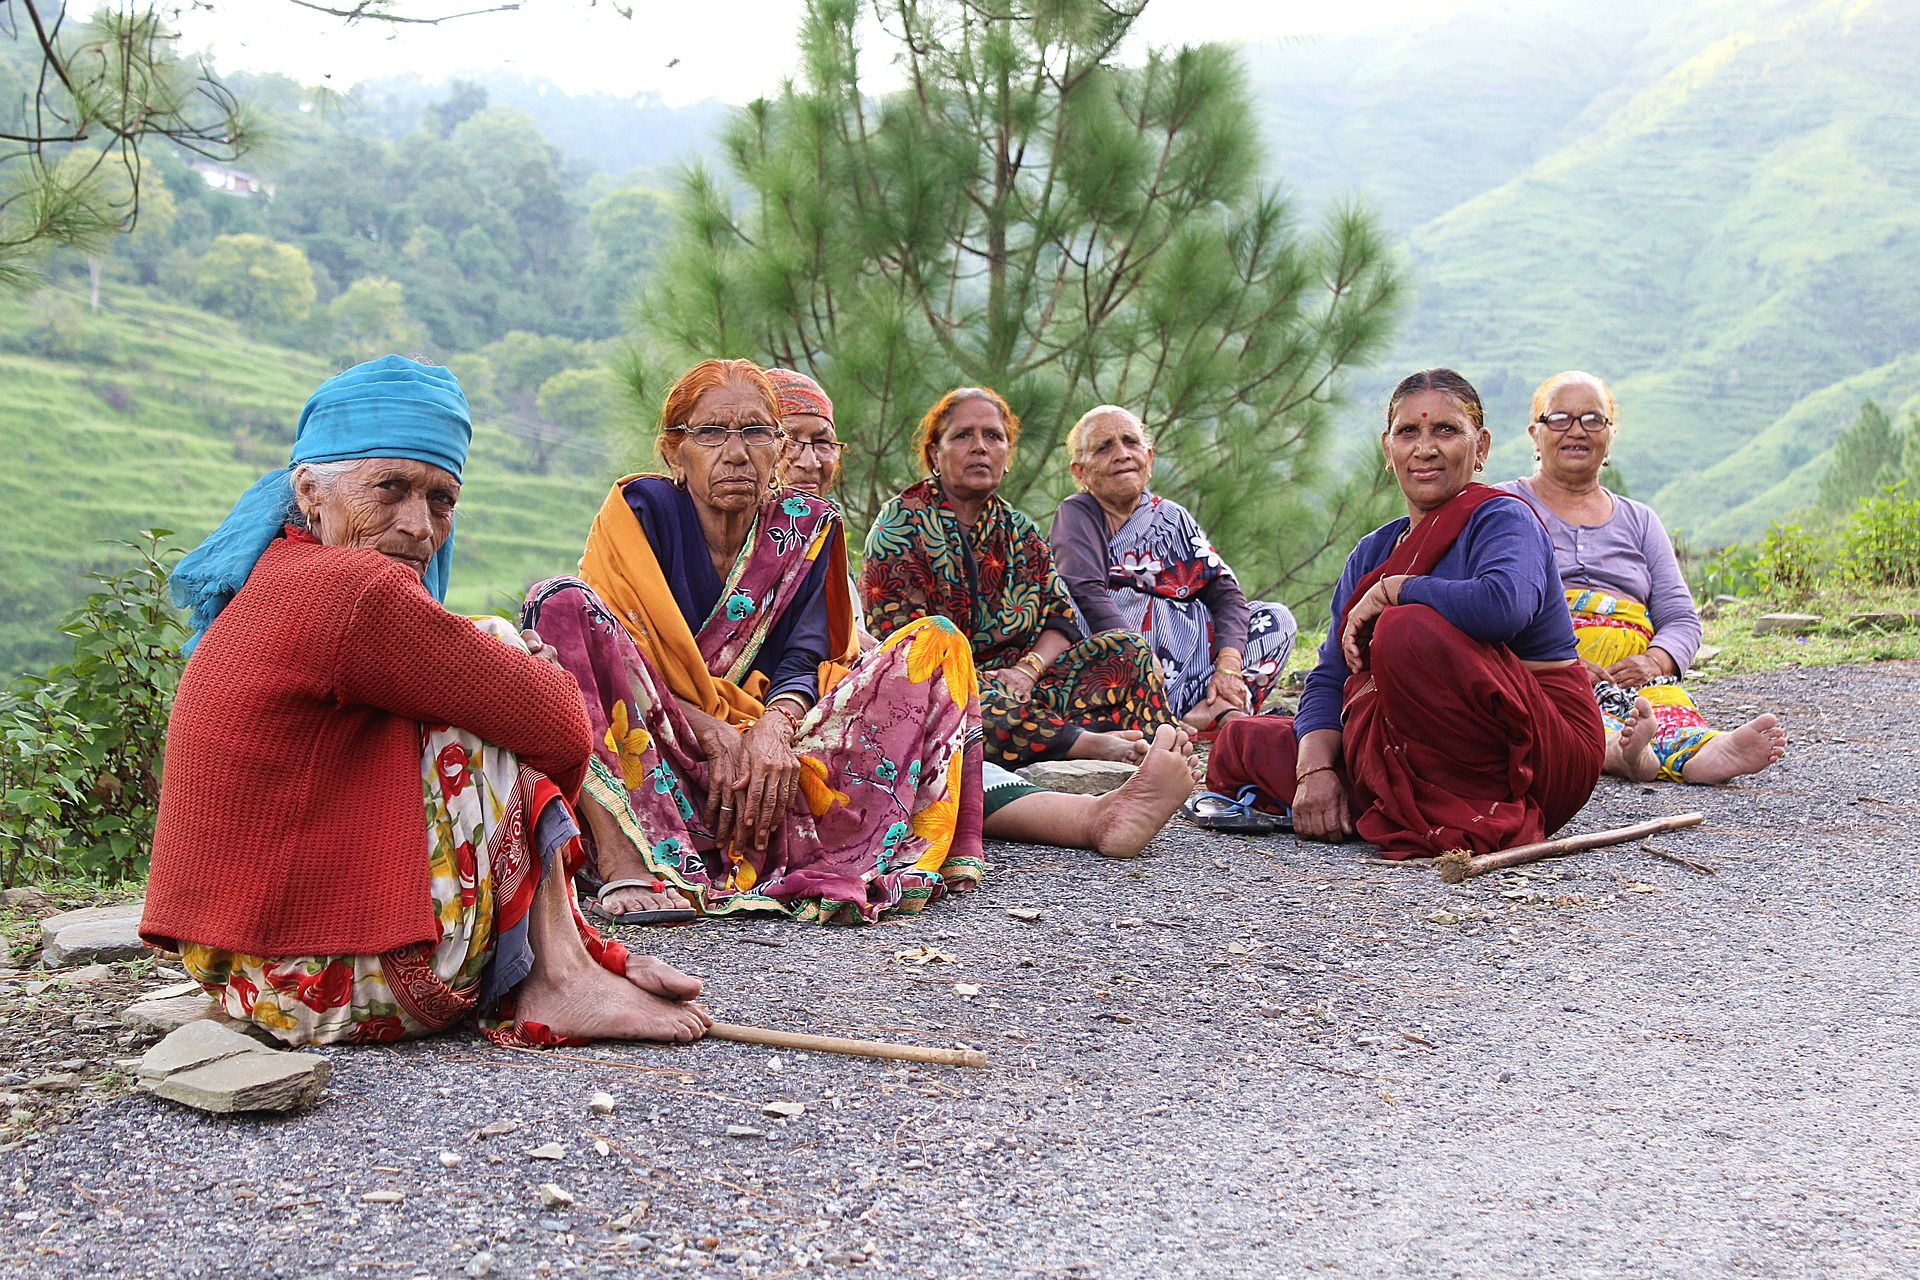 Uttarakhand India